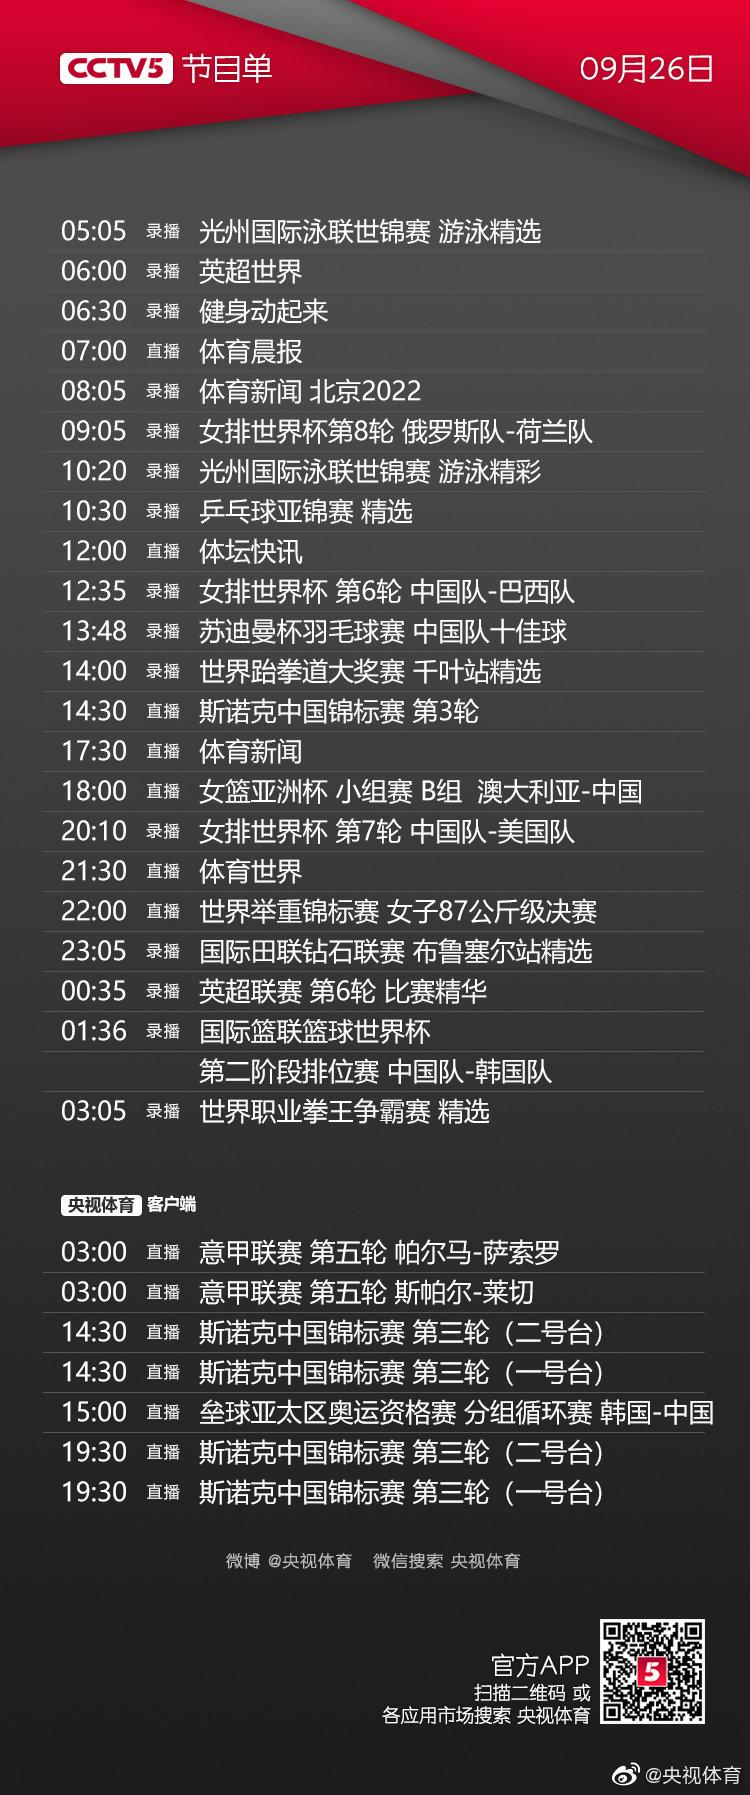 明天有斯诺克、女篮亚洲杯、举重锦标赛等精彩内容,欢迎关注